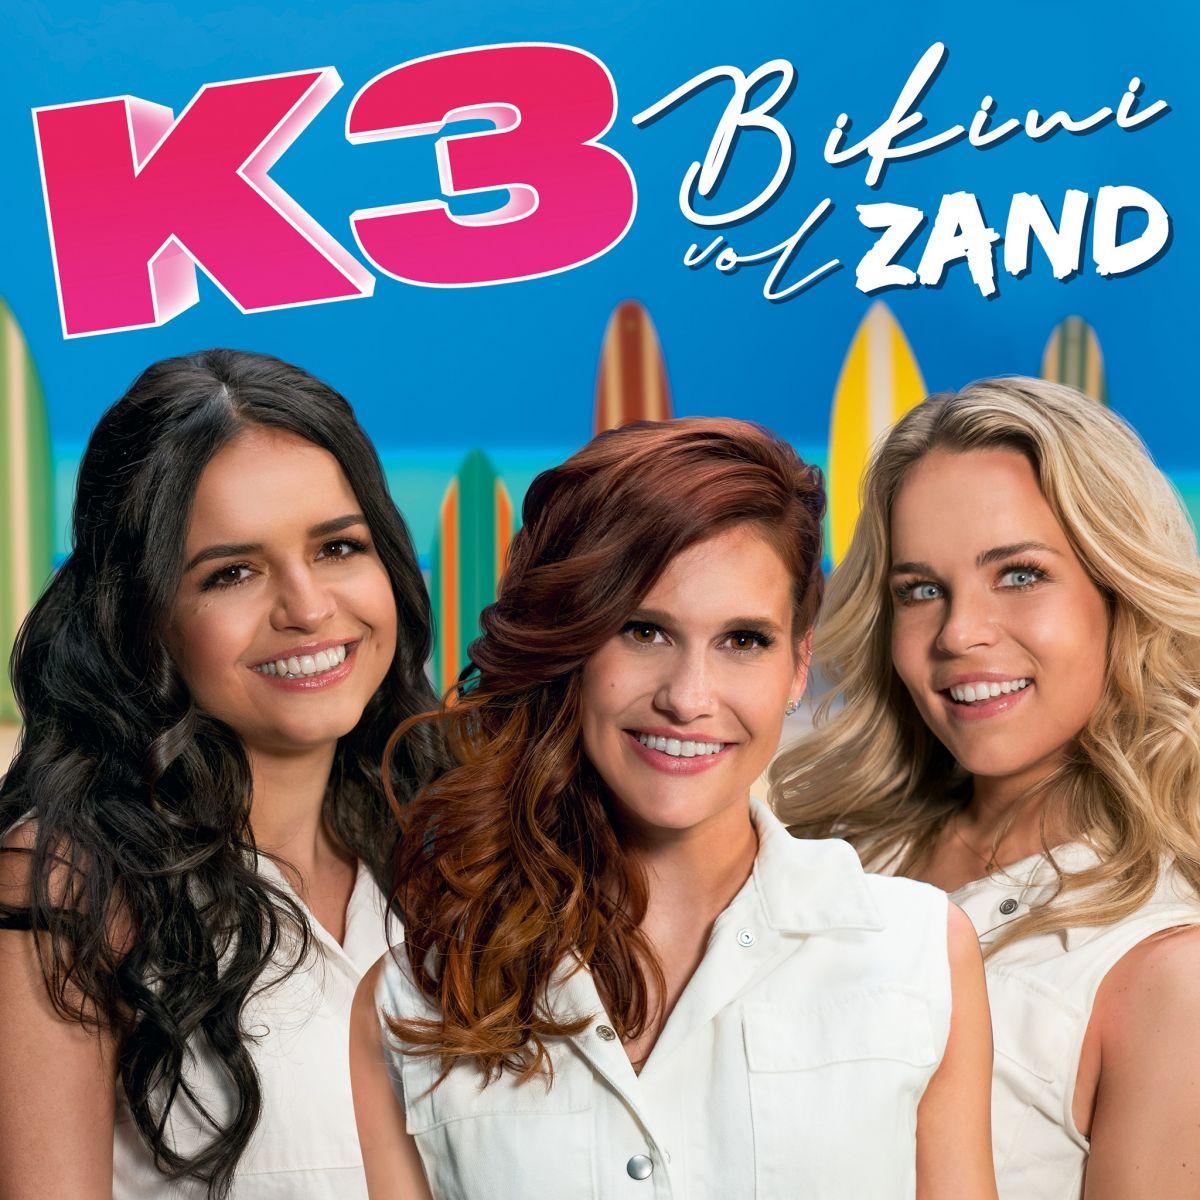 K3 - Bikini vol zand